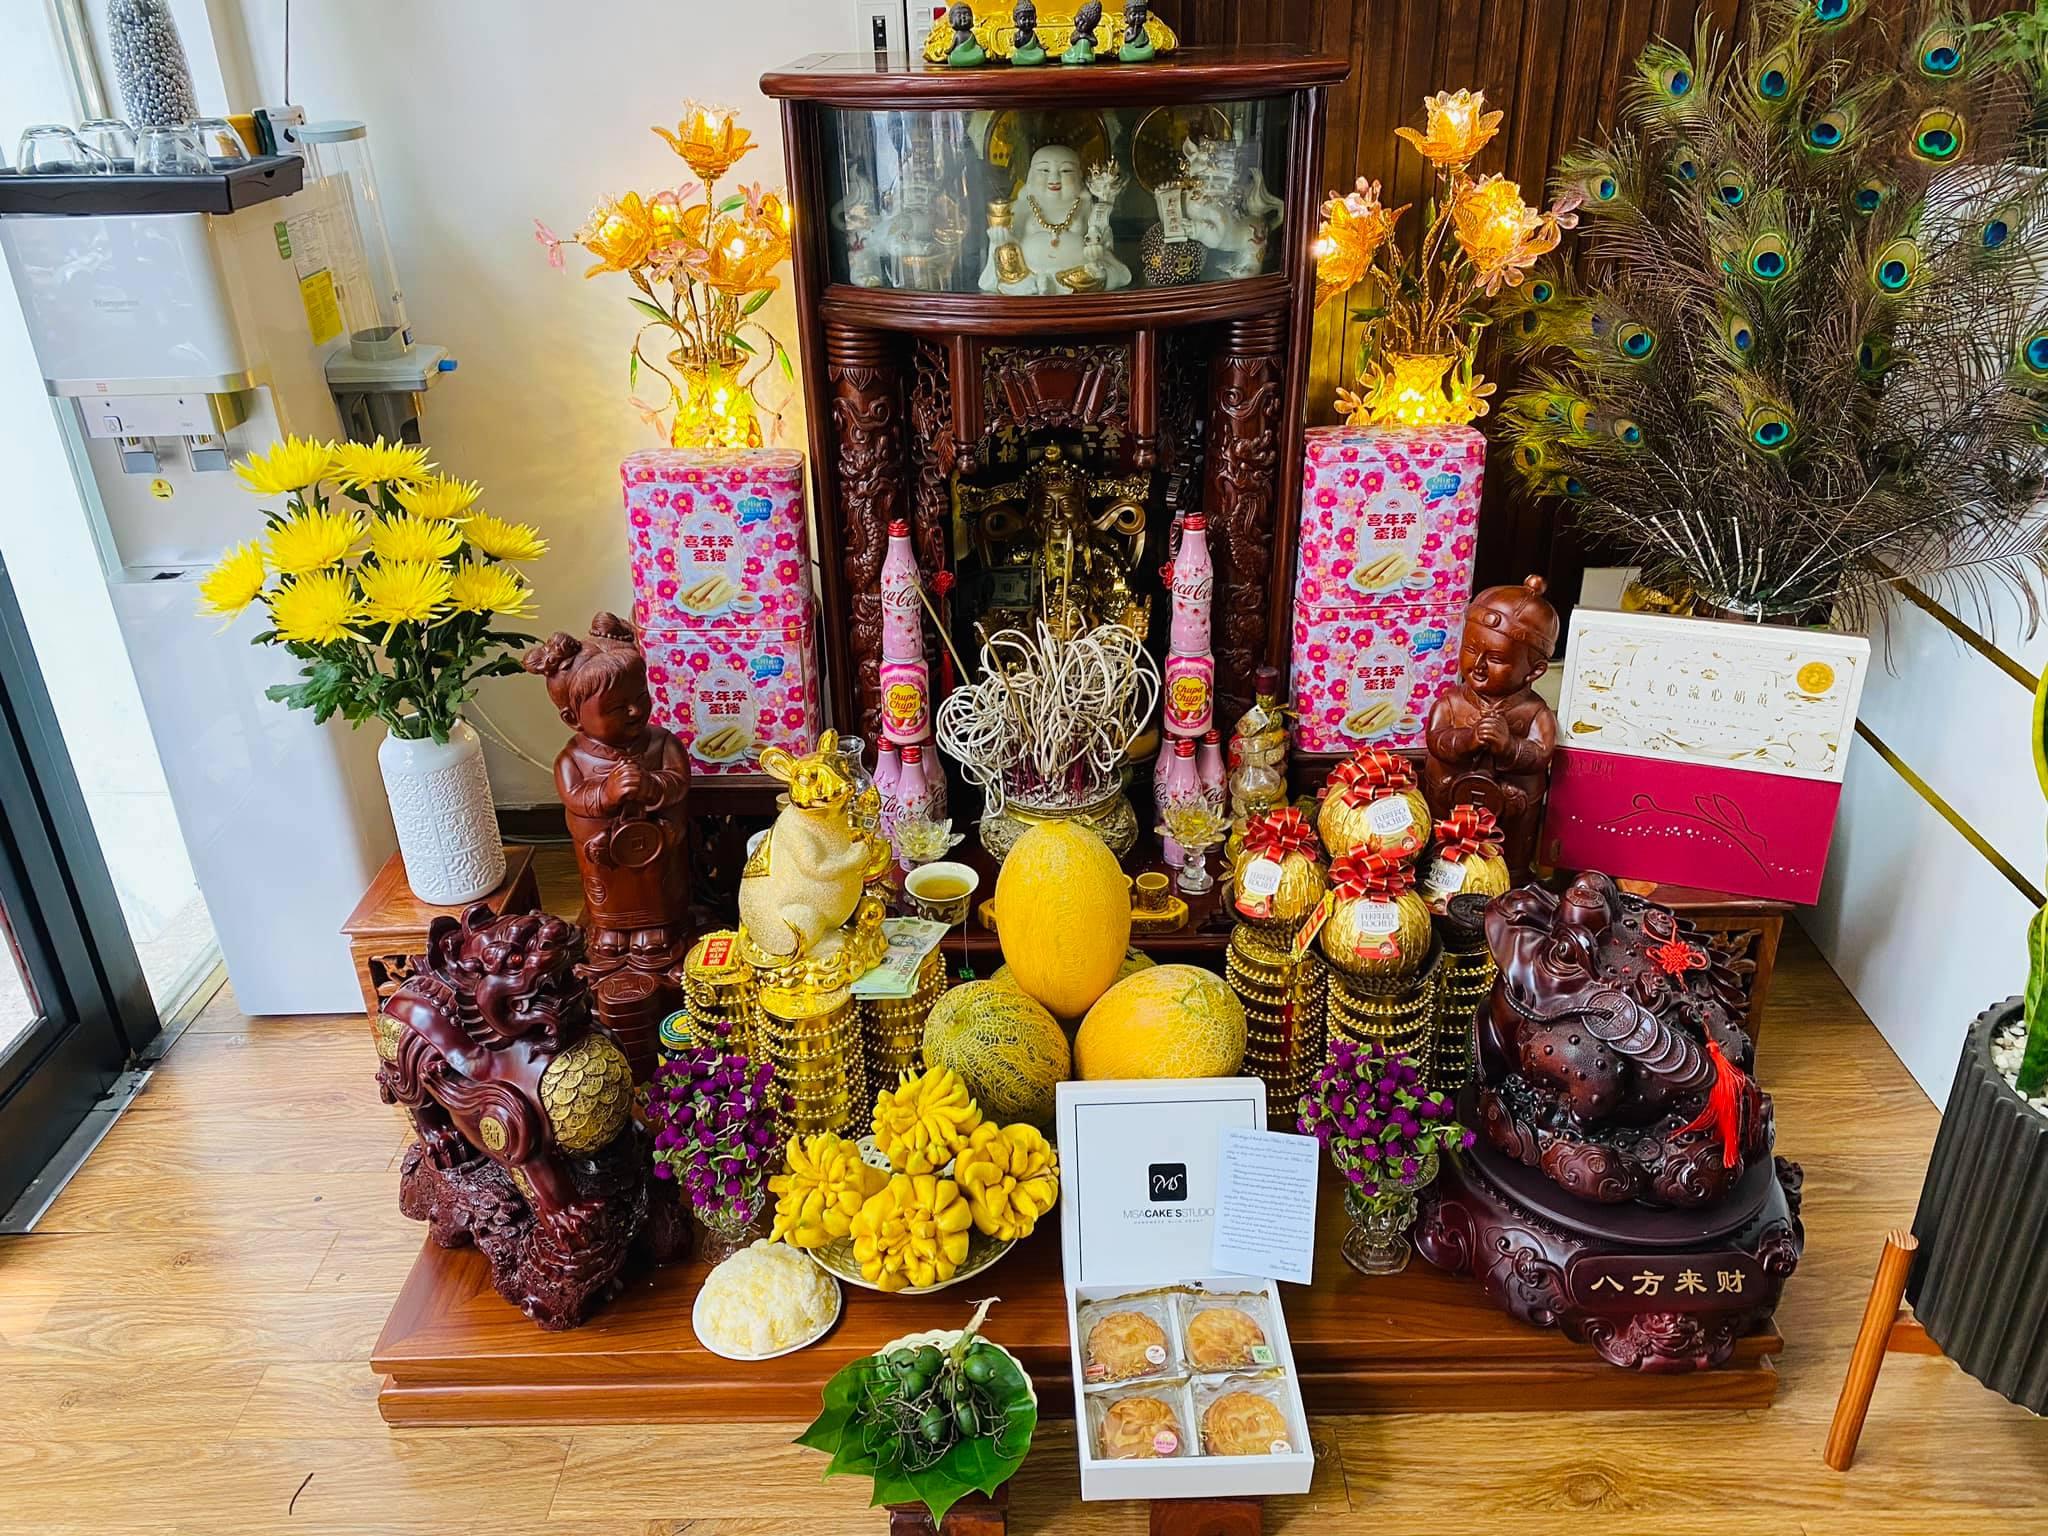 Lễ vật cúng Thần Tài ngày mùng 1 âm cần chuẩn bị gì? Cúng thế nào để nhiều tài lộc trong cả tháng?